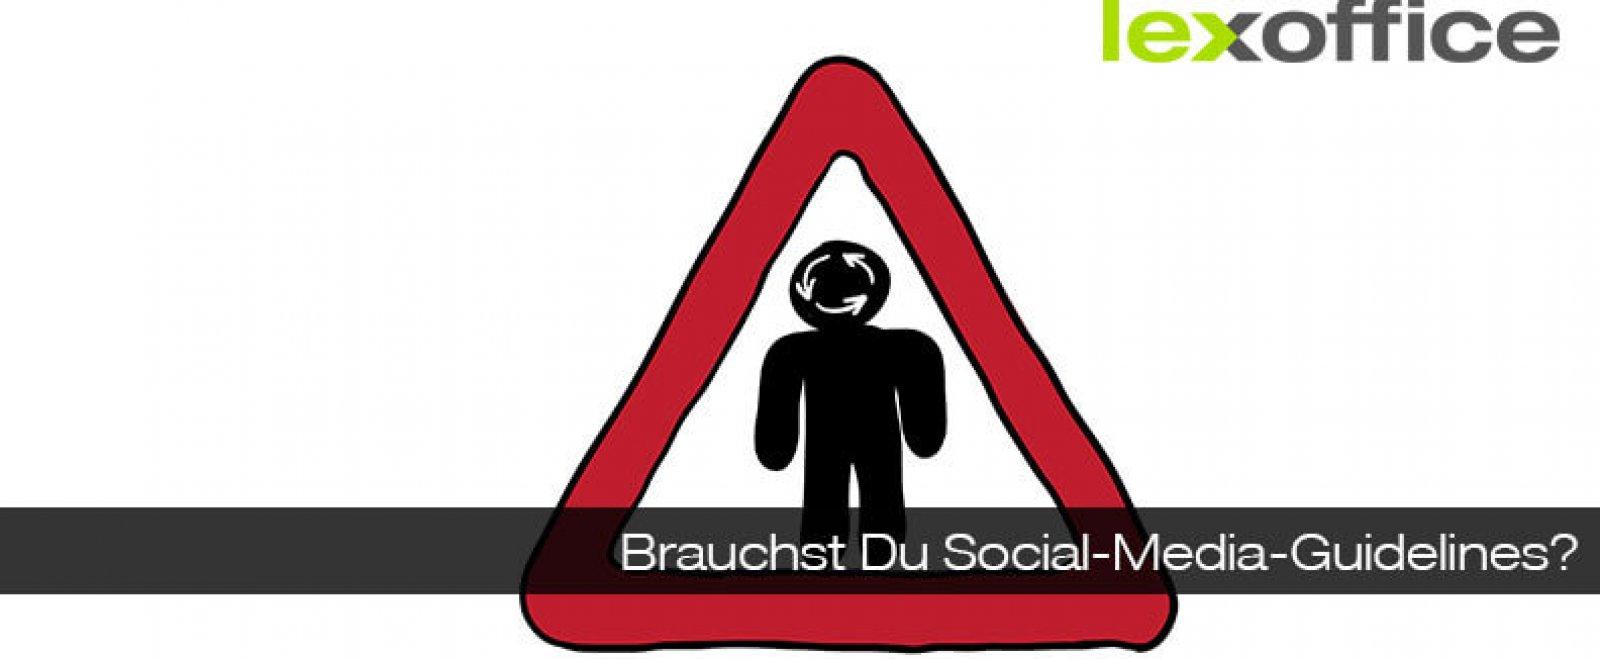 Gute Frage: Brauchst Du Social-Media-Guidelines?